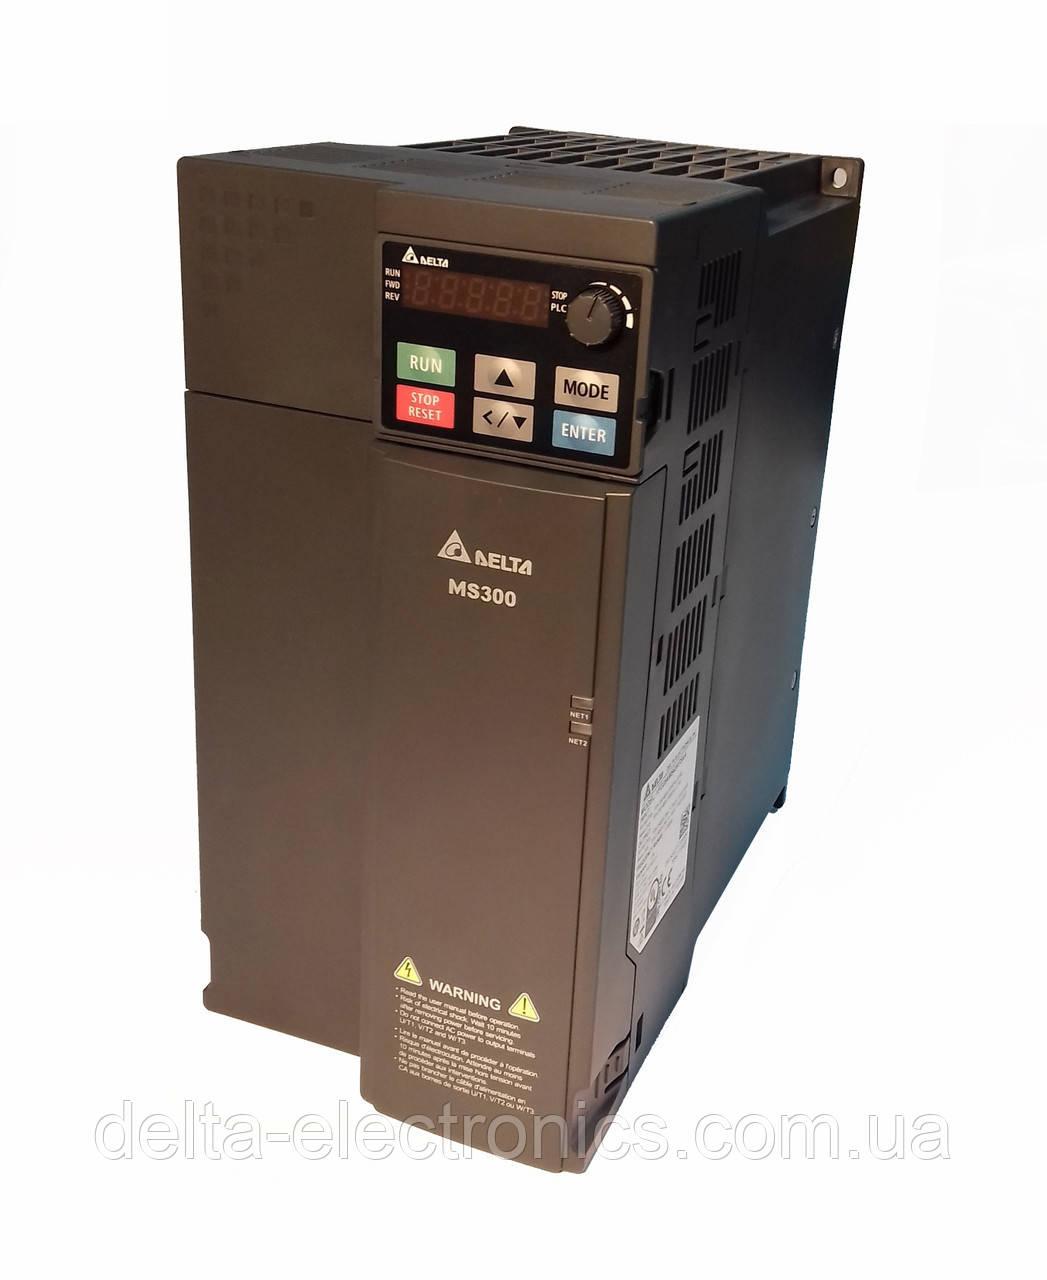 Преобразователь частоты MS300, 3x380В, 22 кВт, 34,3/49А, ЭМС С2 фильтр, векторный, c ПЛК, VFD45AMS43AFSAA